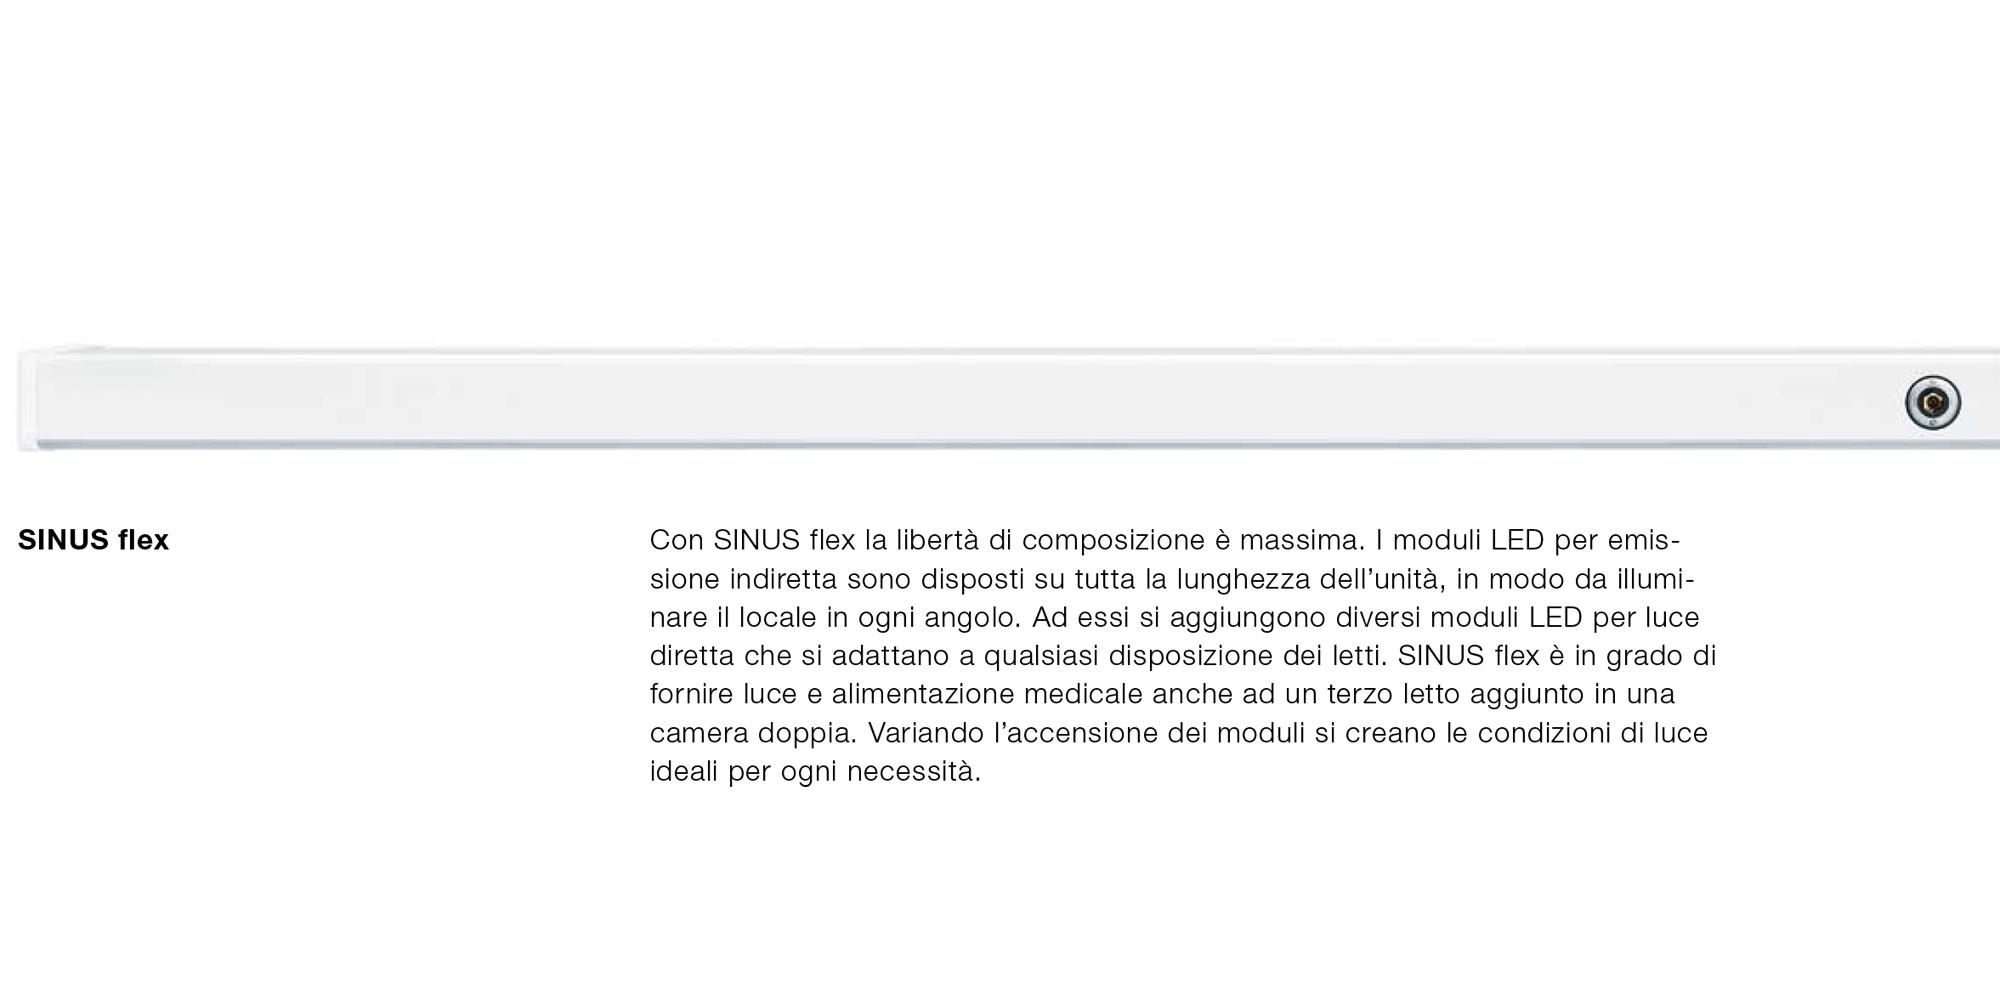 Sinus flex }